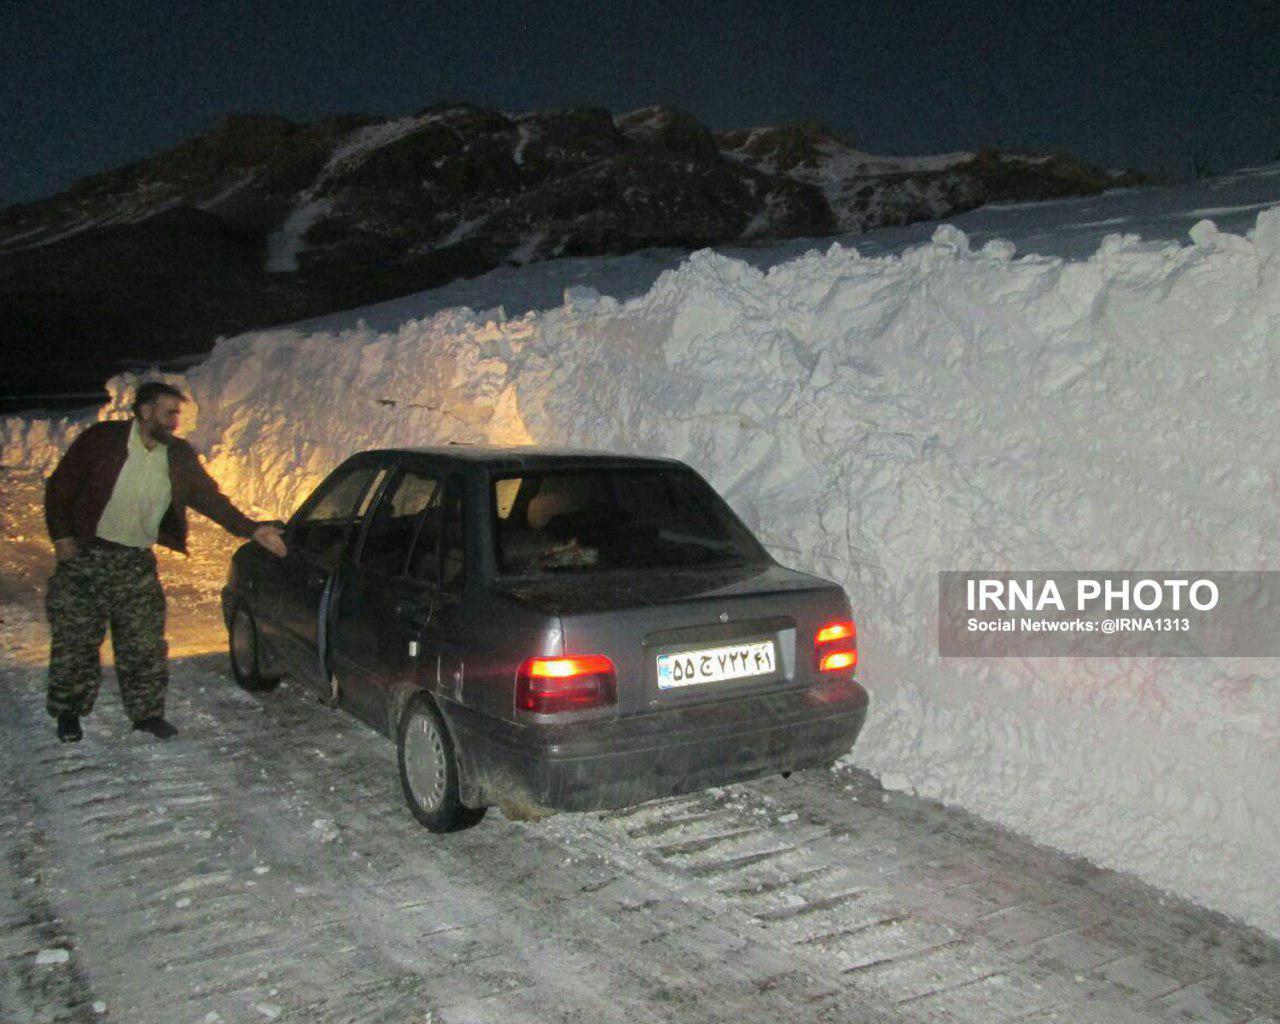 ارتفاع برف در گردنه فرسش الیگودرز